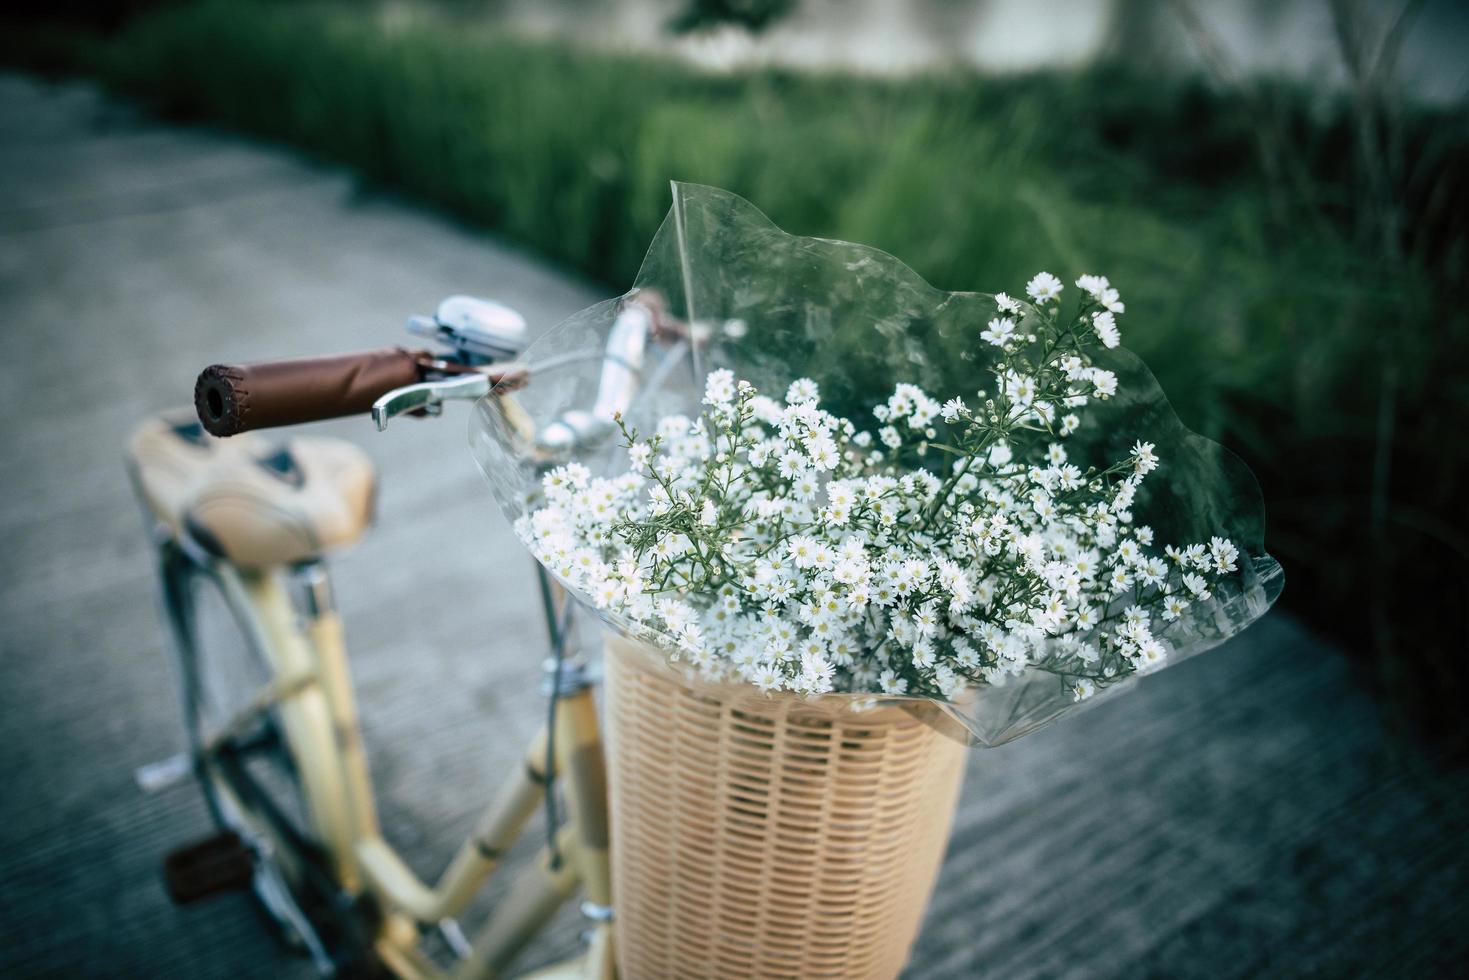 vintage cykel med en korg full av vilda blommor foto